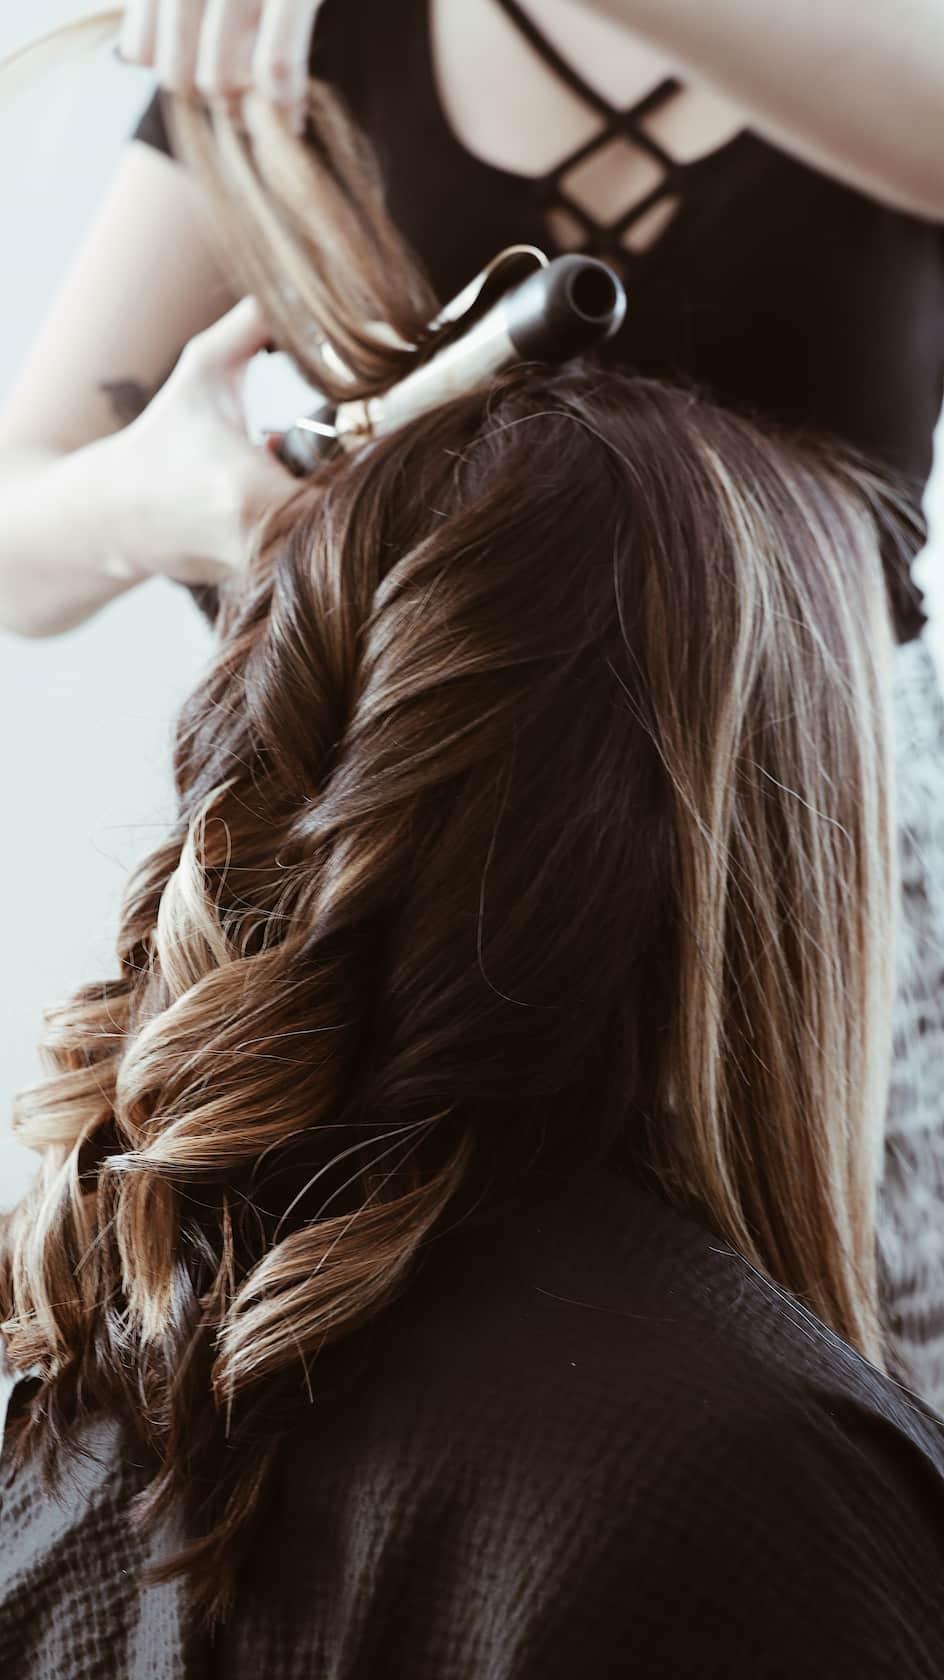 Fiche métier coiffeuse